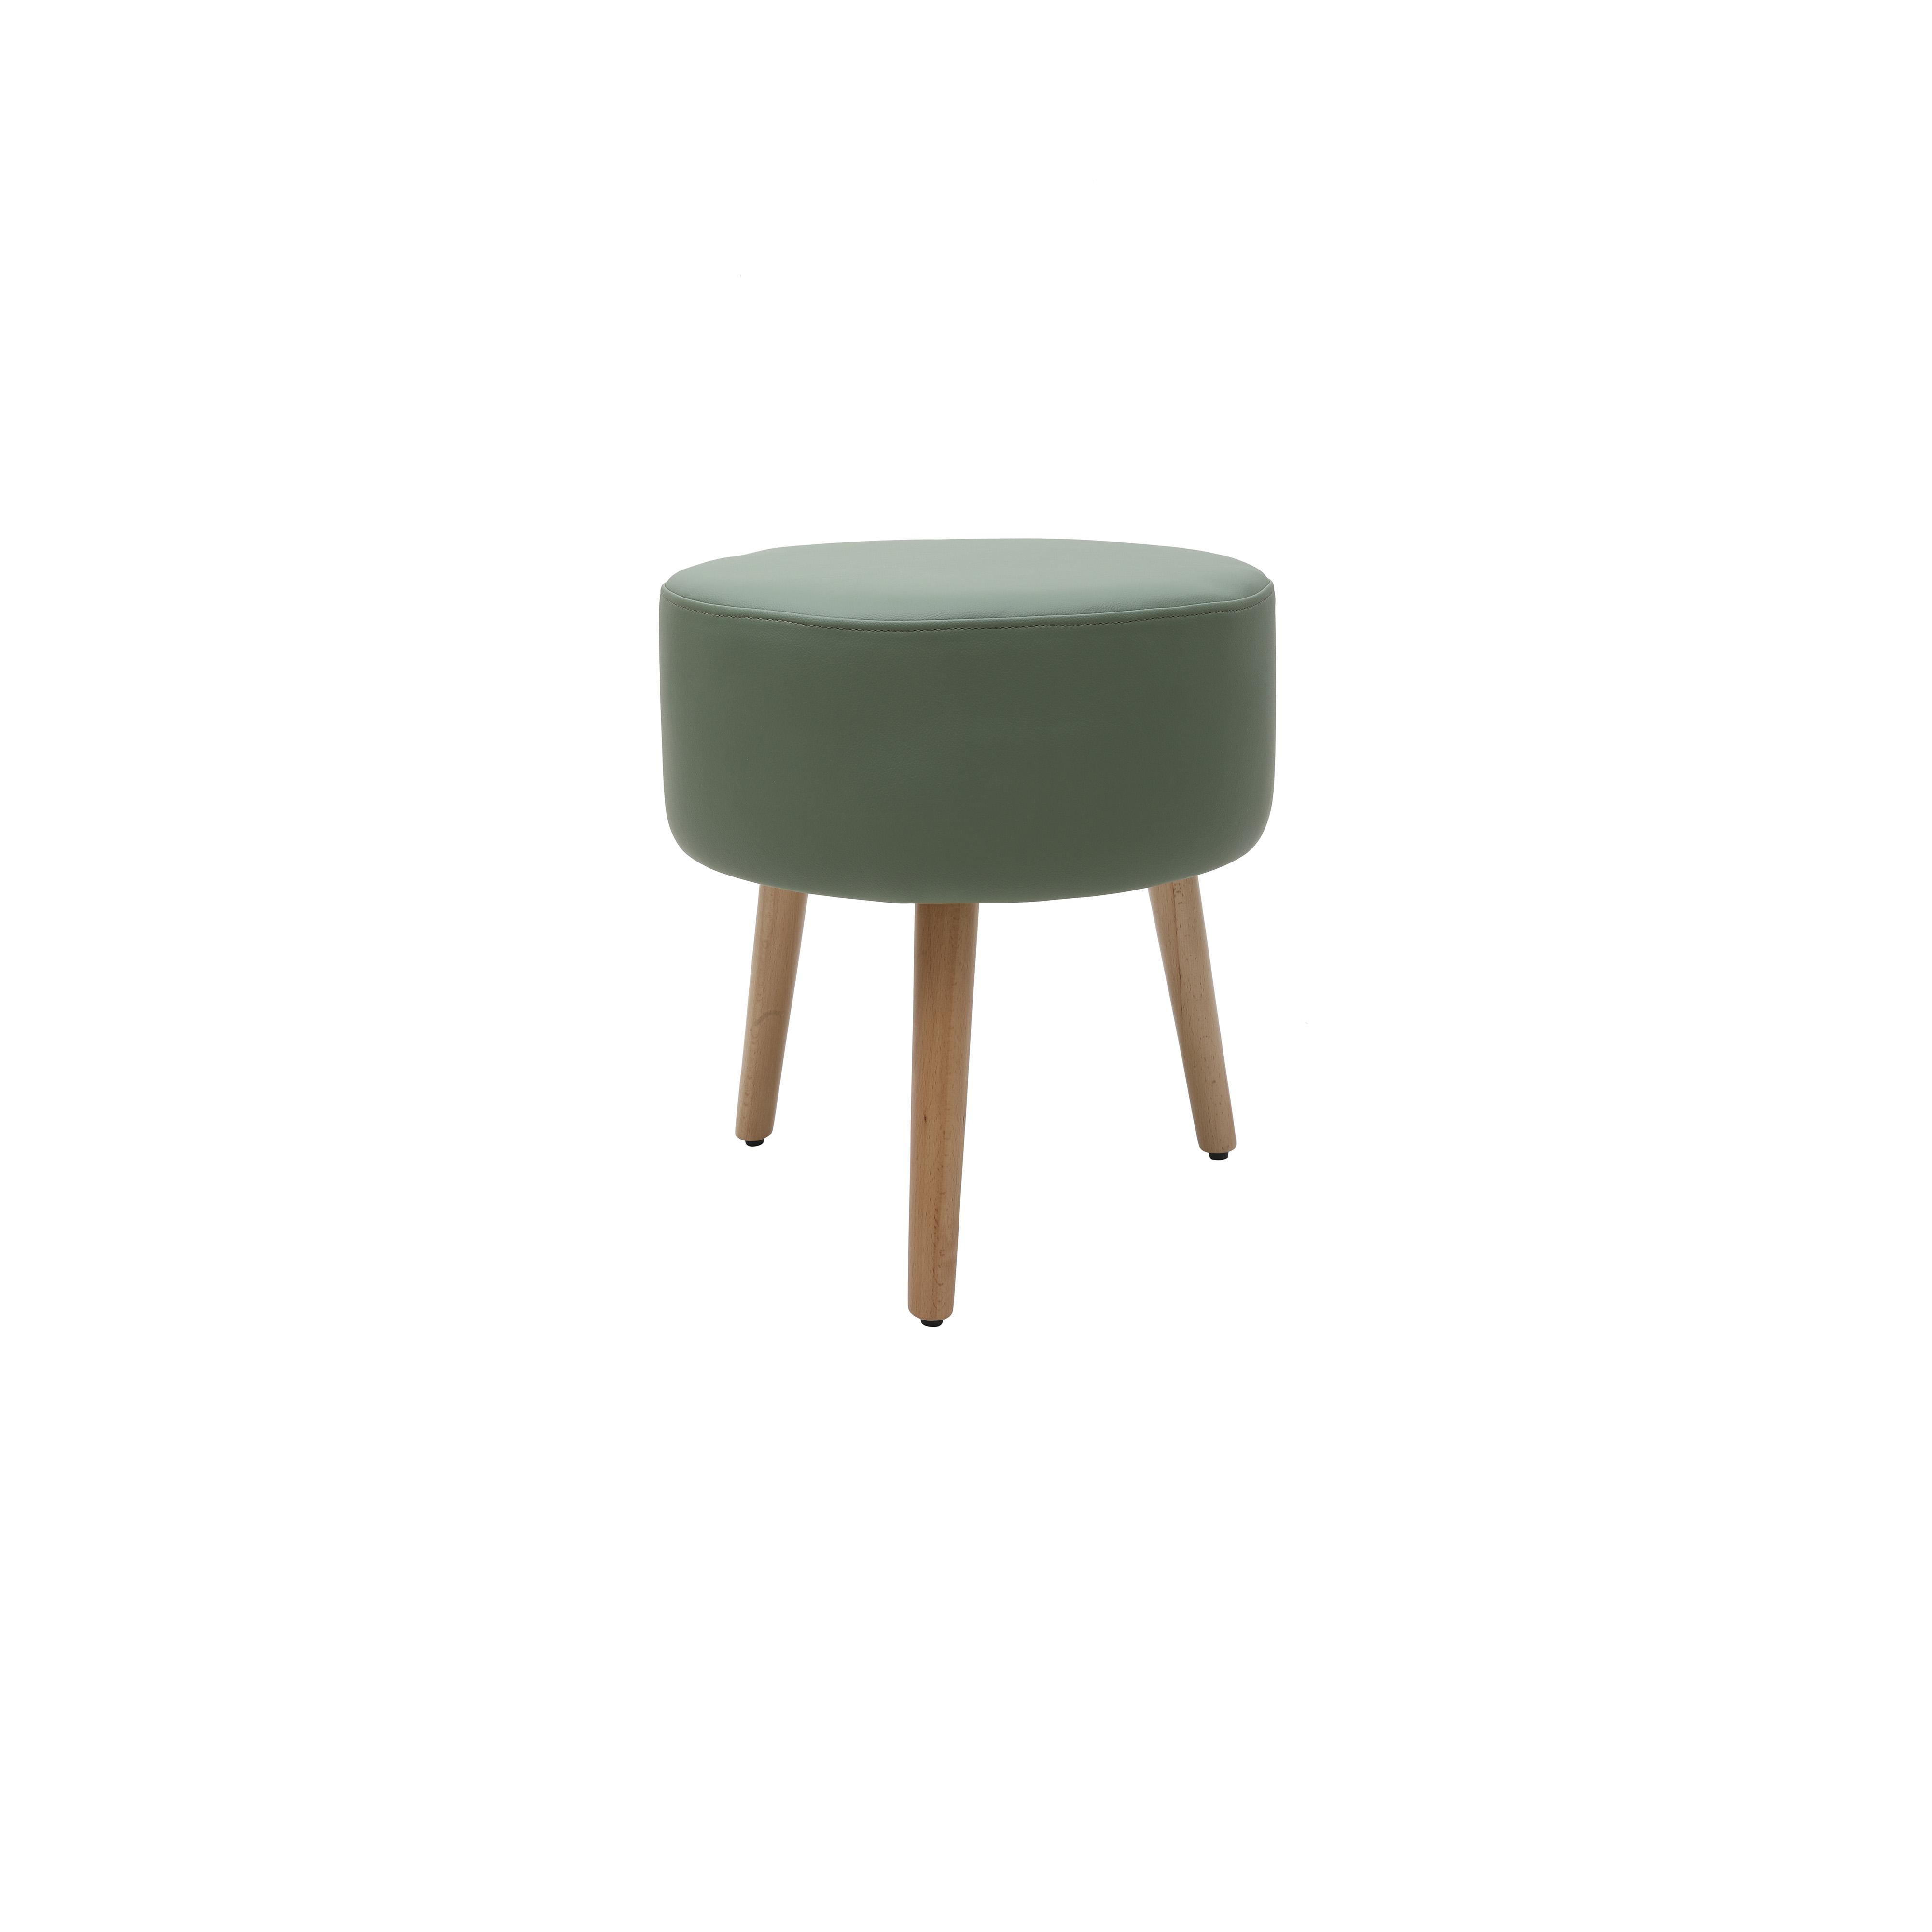 Petra foot stool